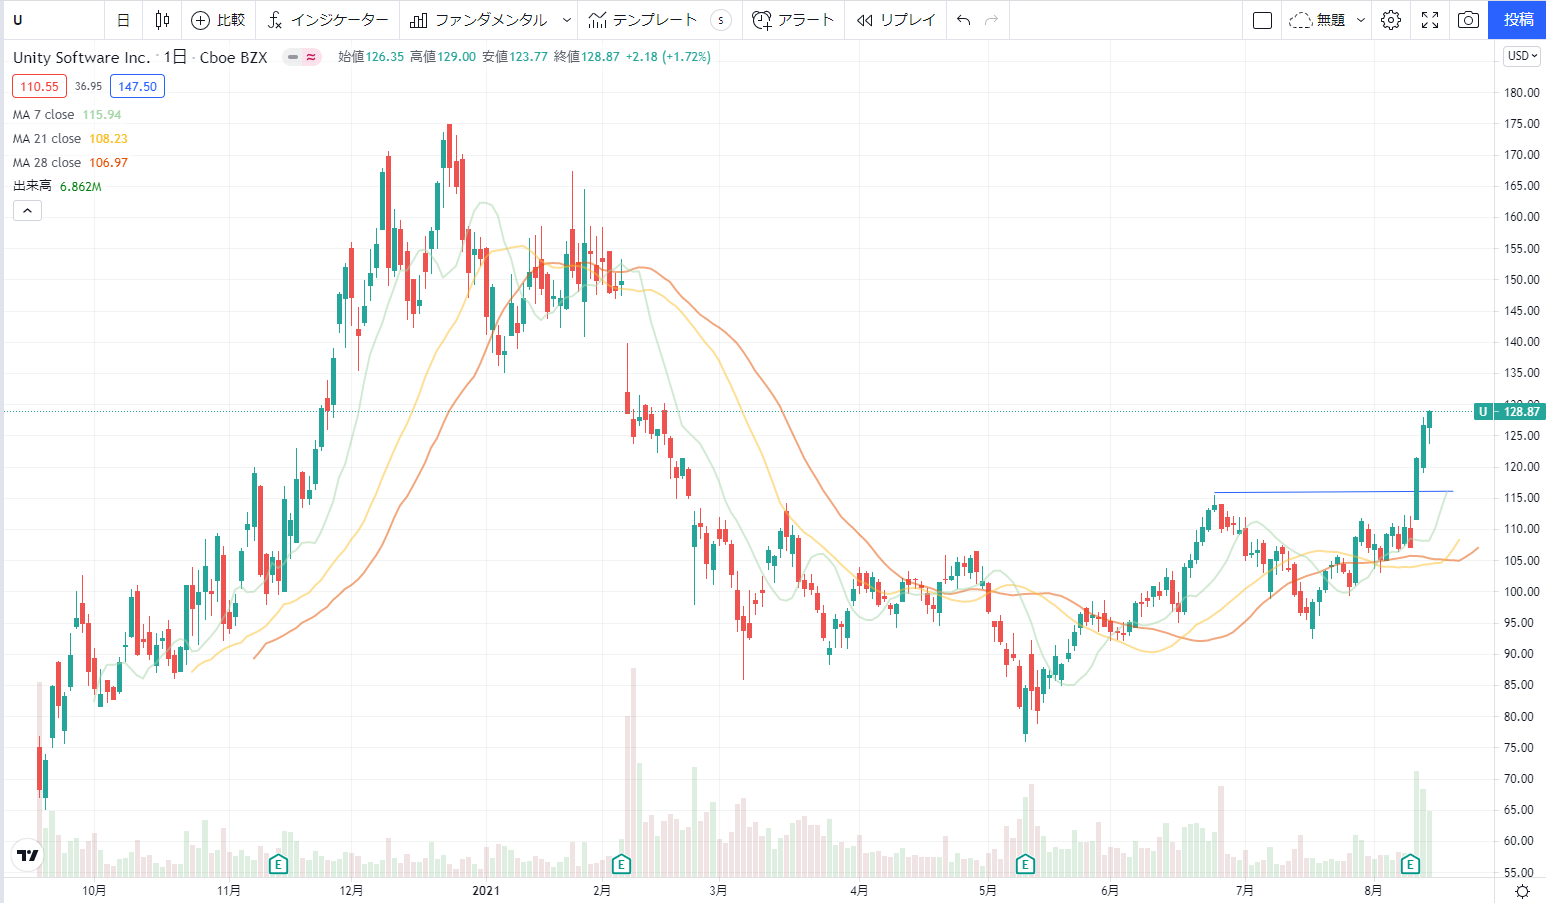 ユニティソフトウエアUnity Software Uの株価チャート(日足)